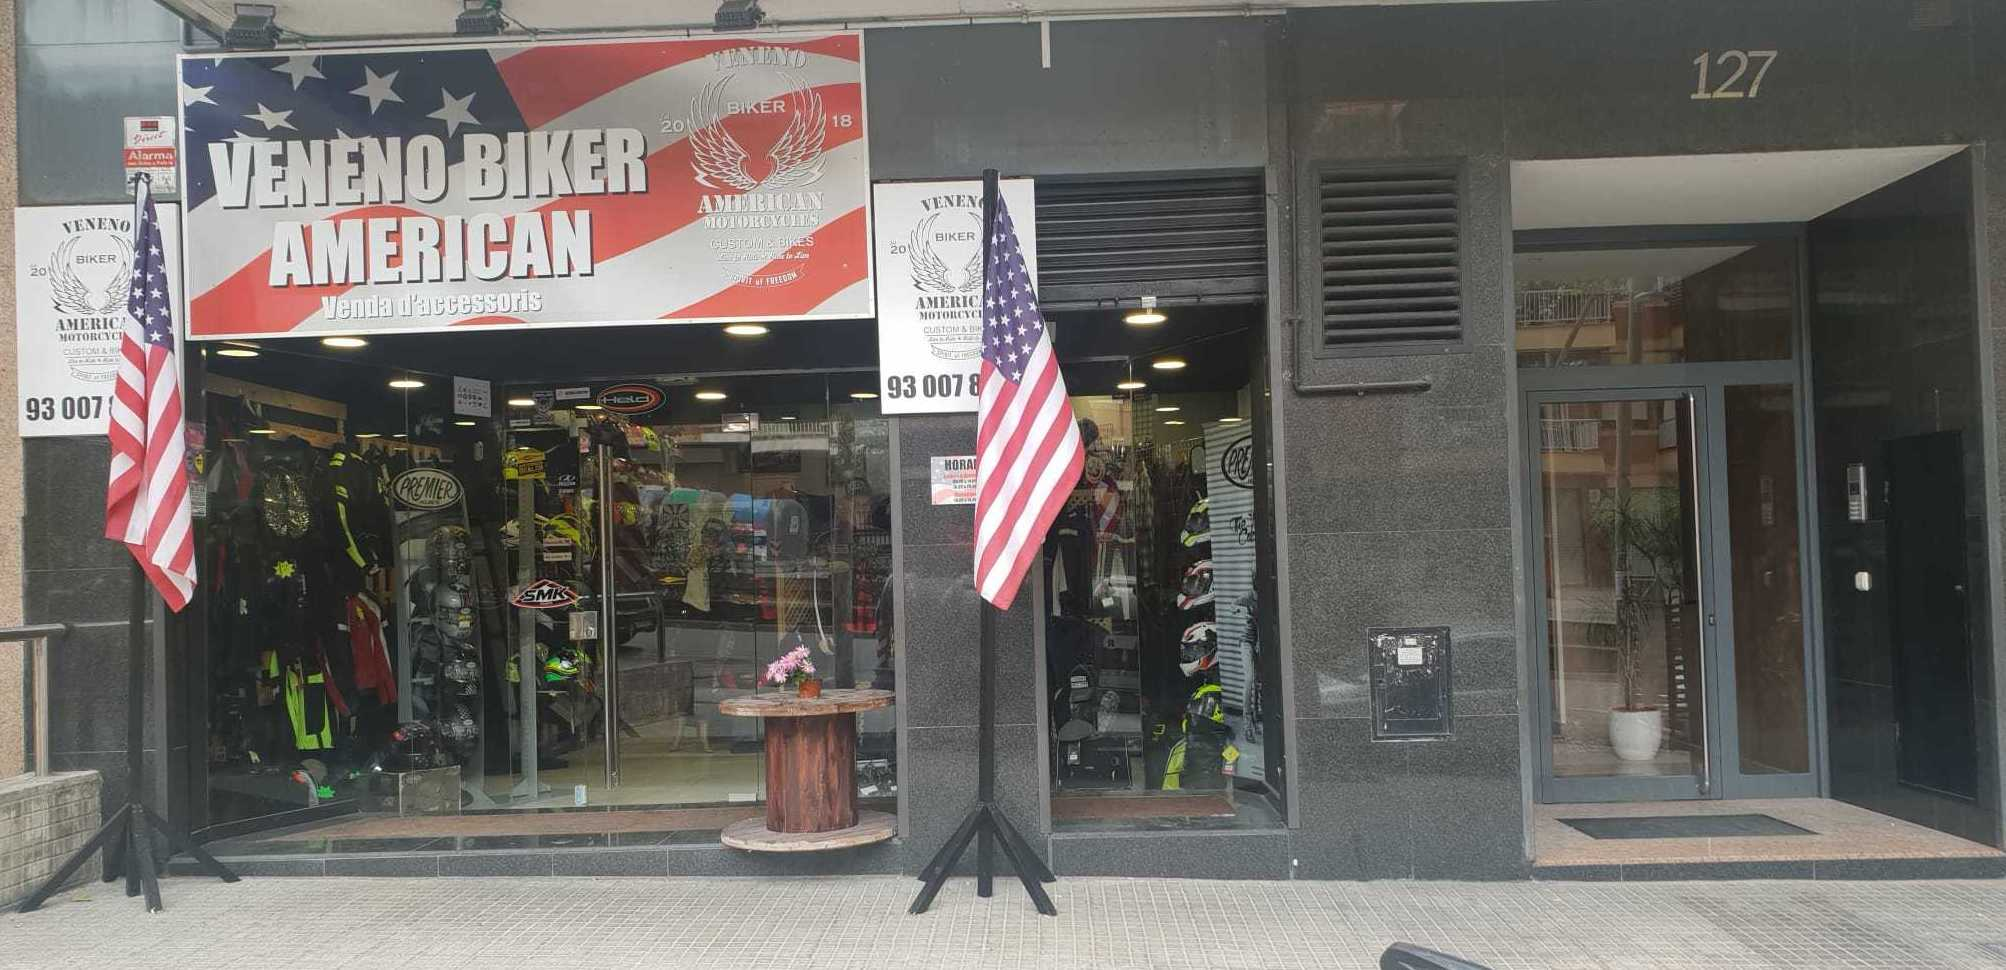 Foto 7 de Taller y tienda de motos en  | Veneno Biker American